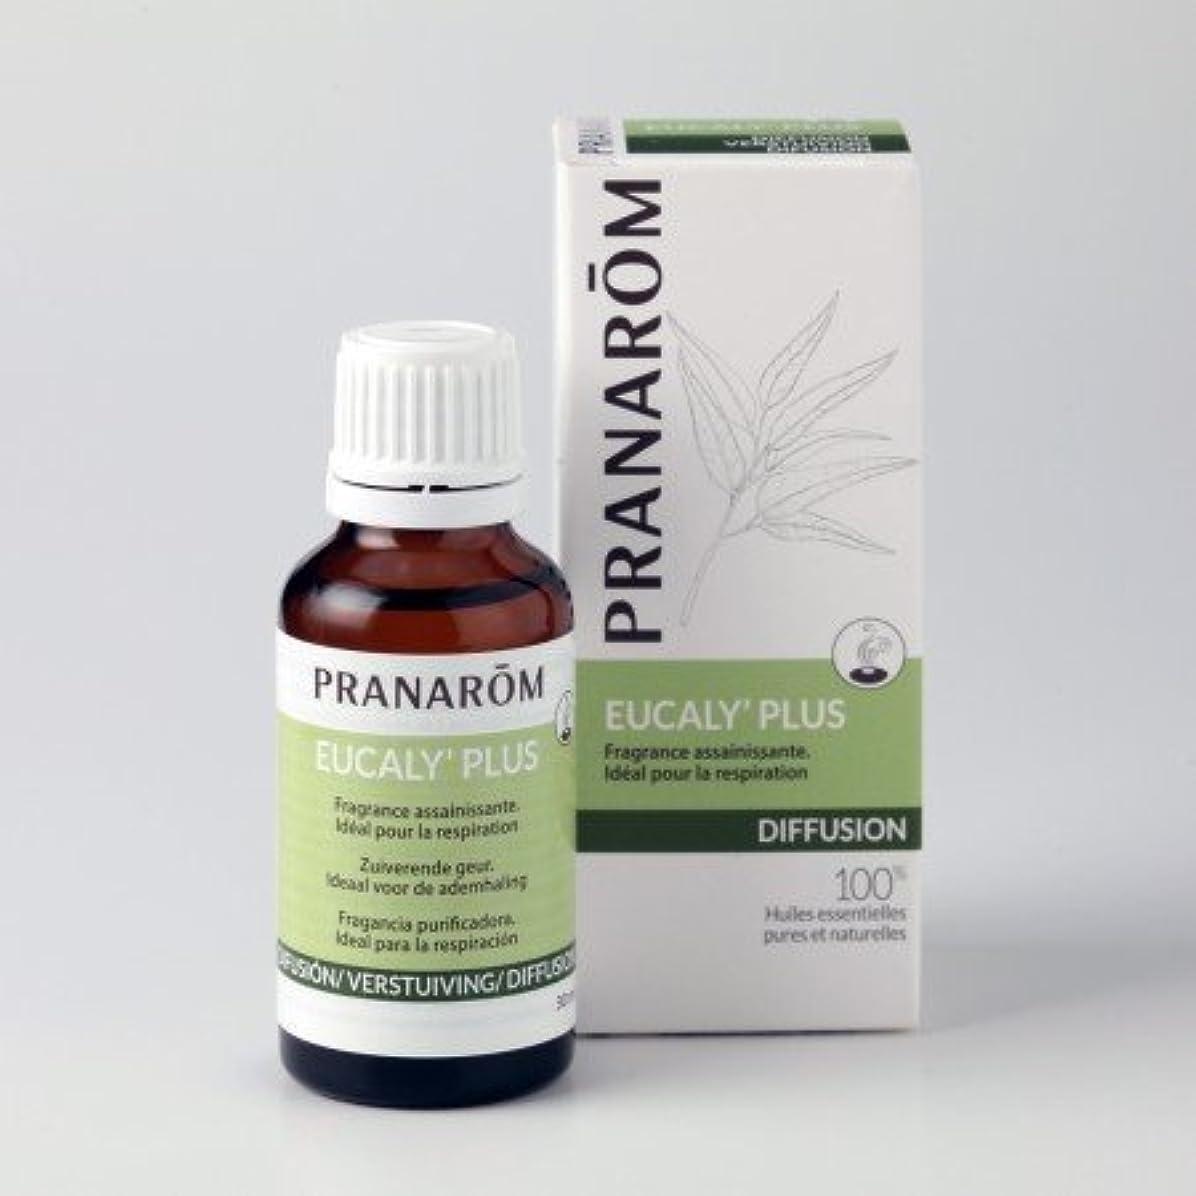 バーチャル管理ディベートプラナロム ( PRANAROM ) ルームコロン 胸一杯のフレッシュエア ユーカリプラス 30ml 02590 エアフレッシュナー ( 芳香剤 )